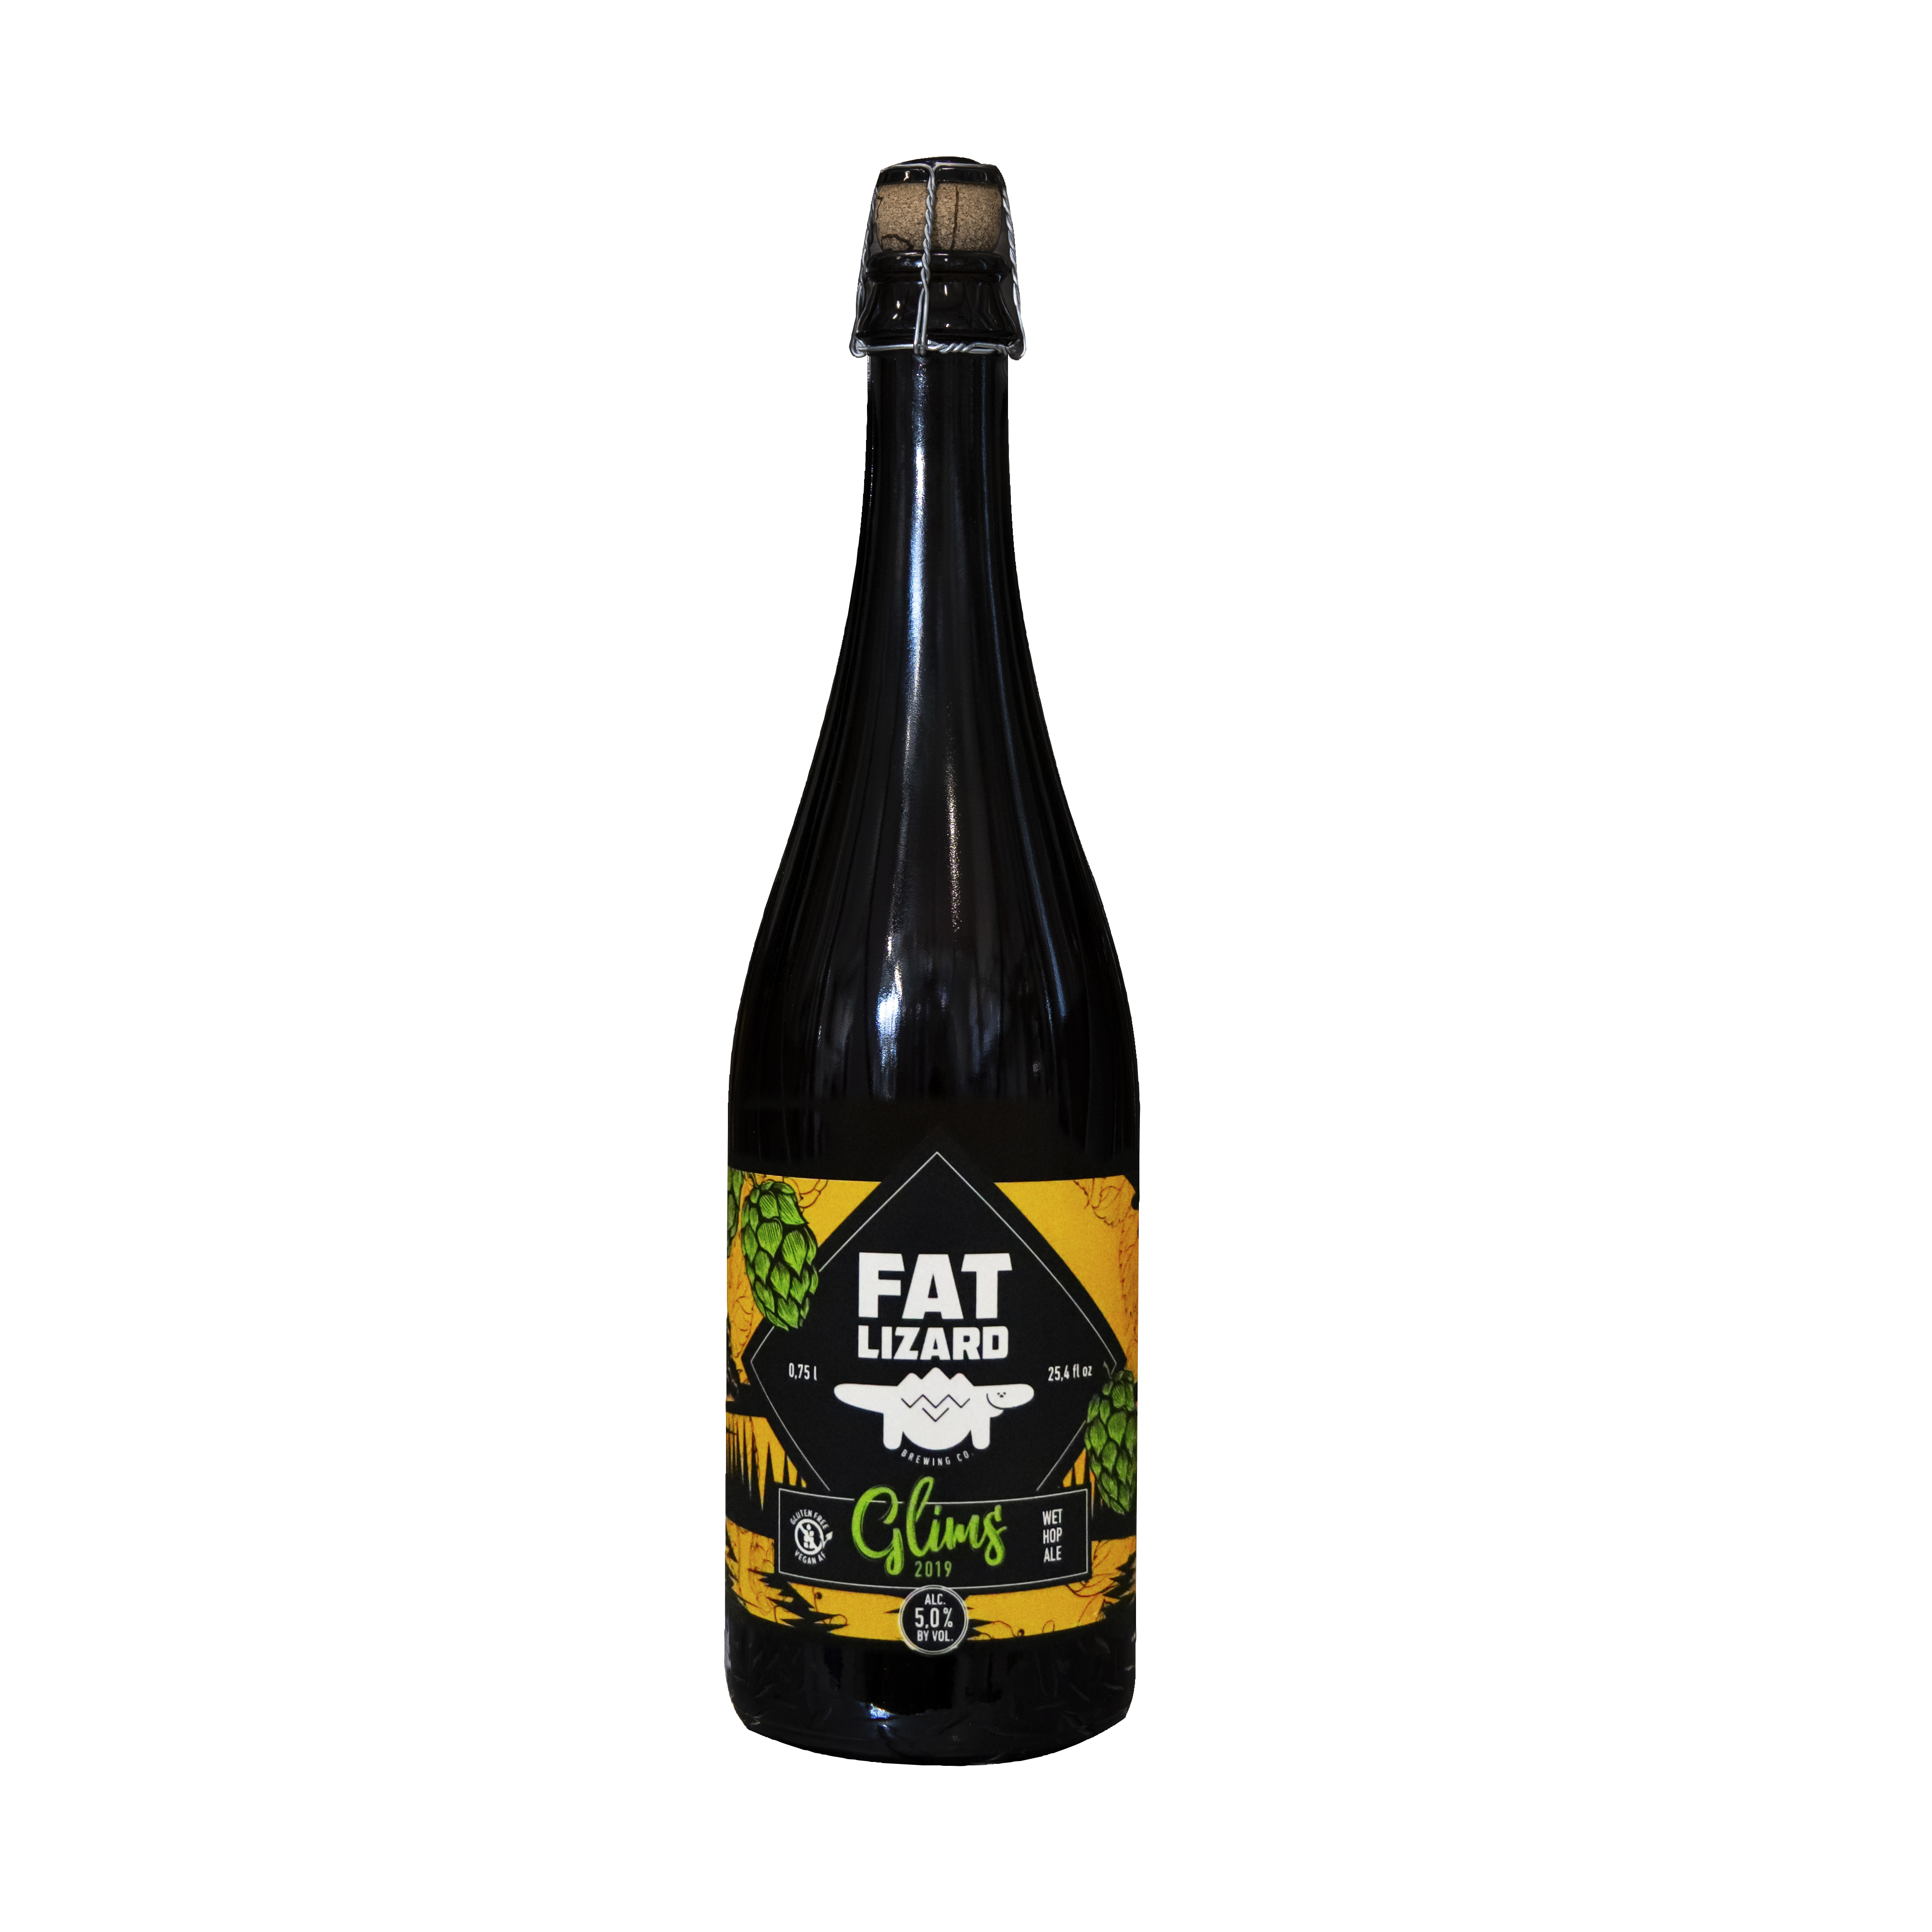 Glims Wet Hop Ale 5,0% (G) - 0,75l bottle